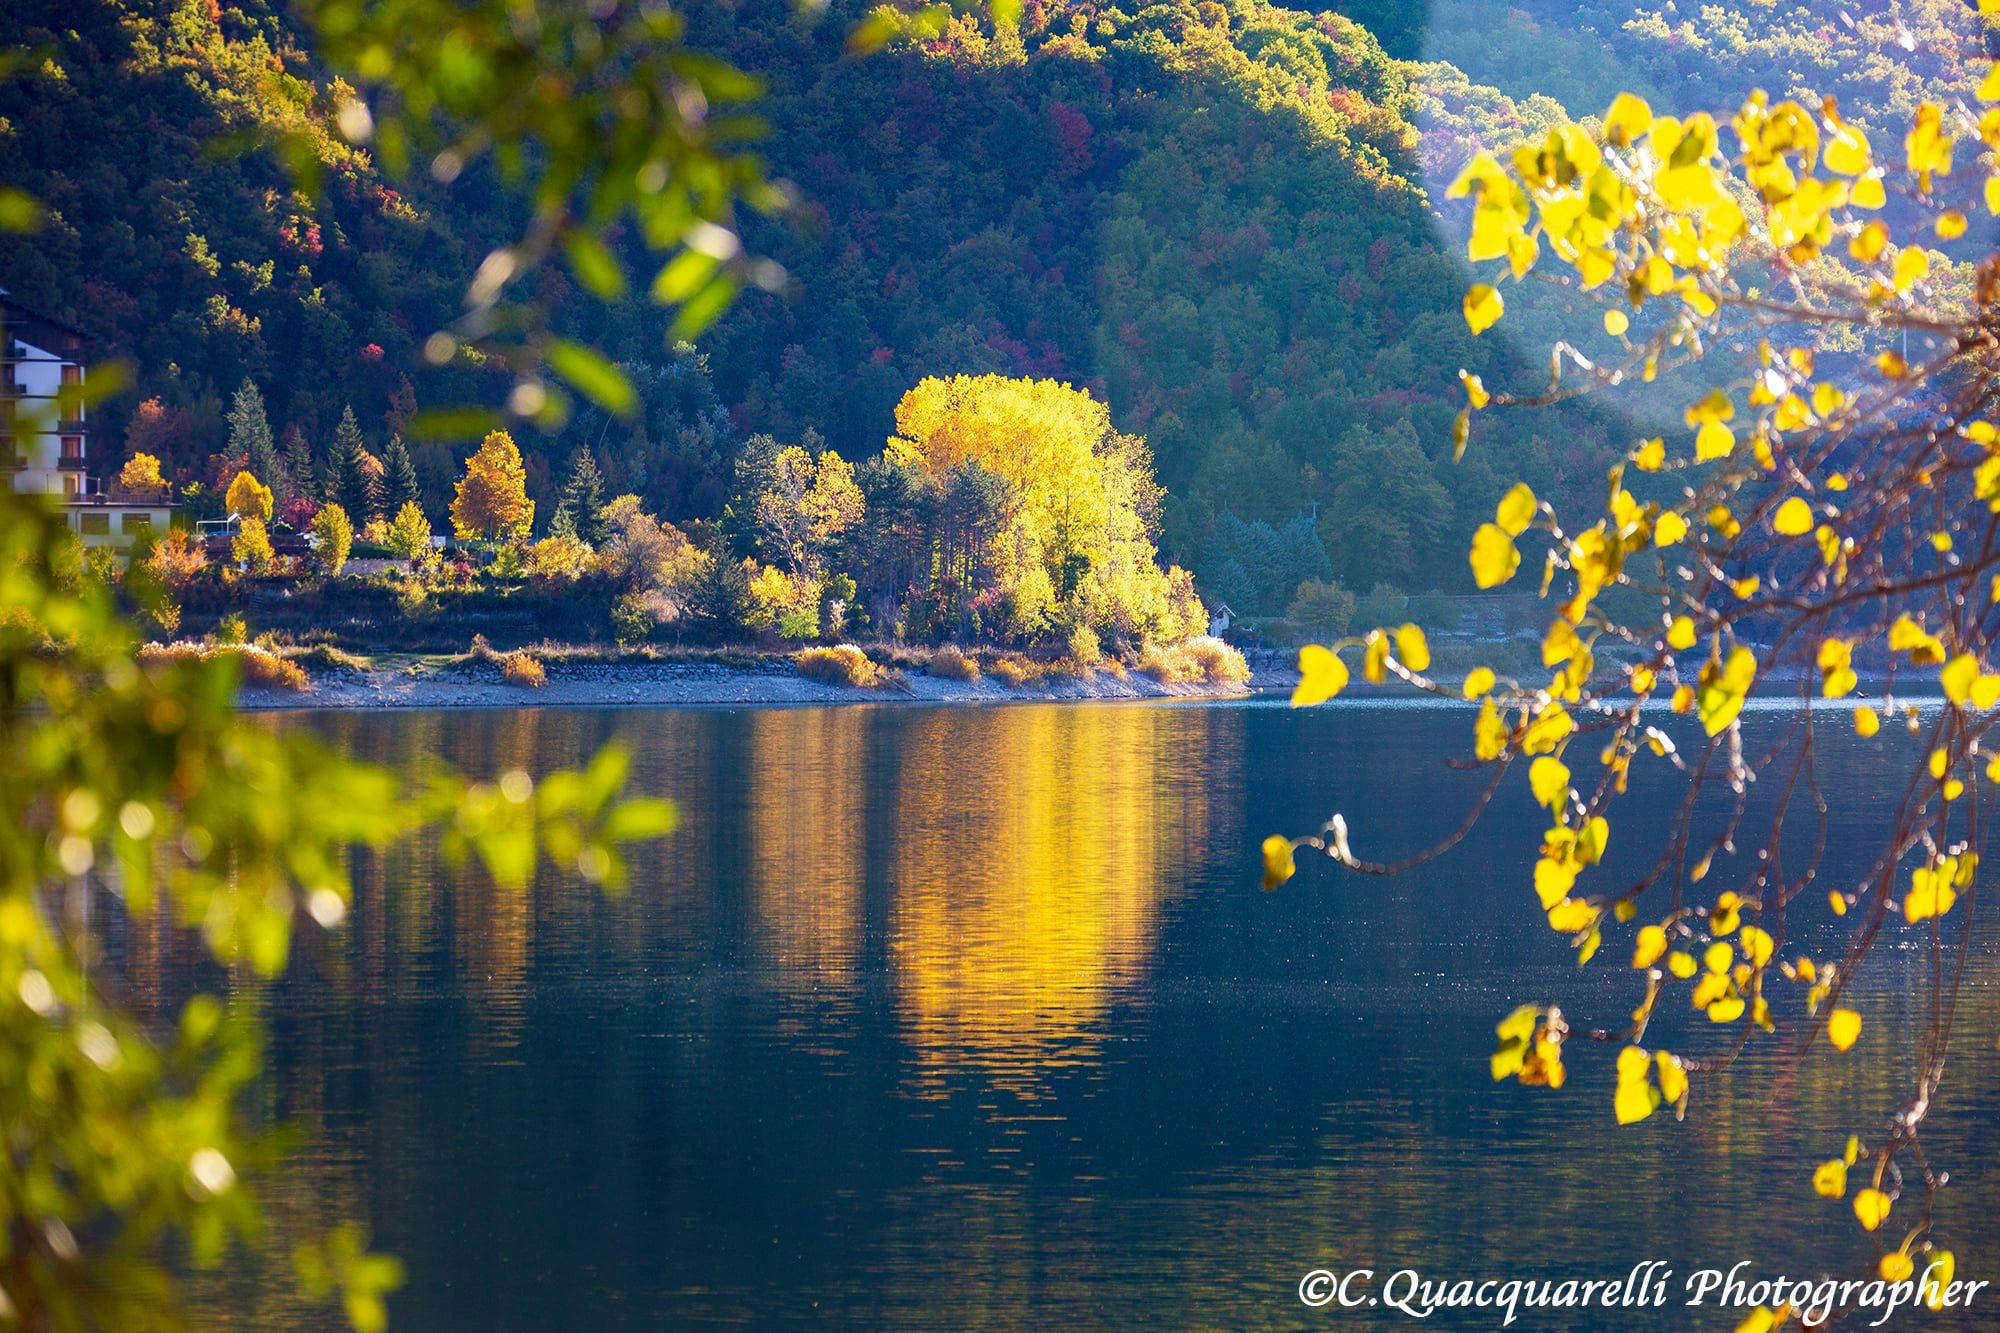 Lago di Scanno. La Natura inizia a dipingere i Colori dell'Autunno e la Magia vola sull'acqua